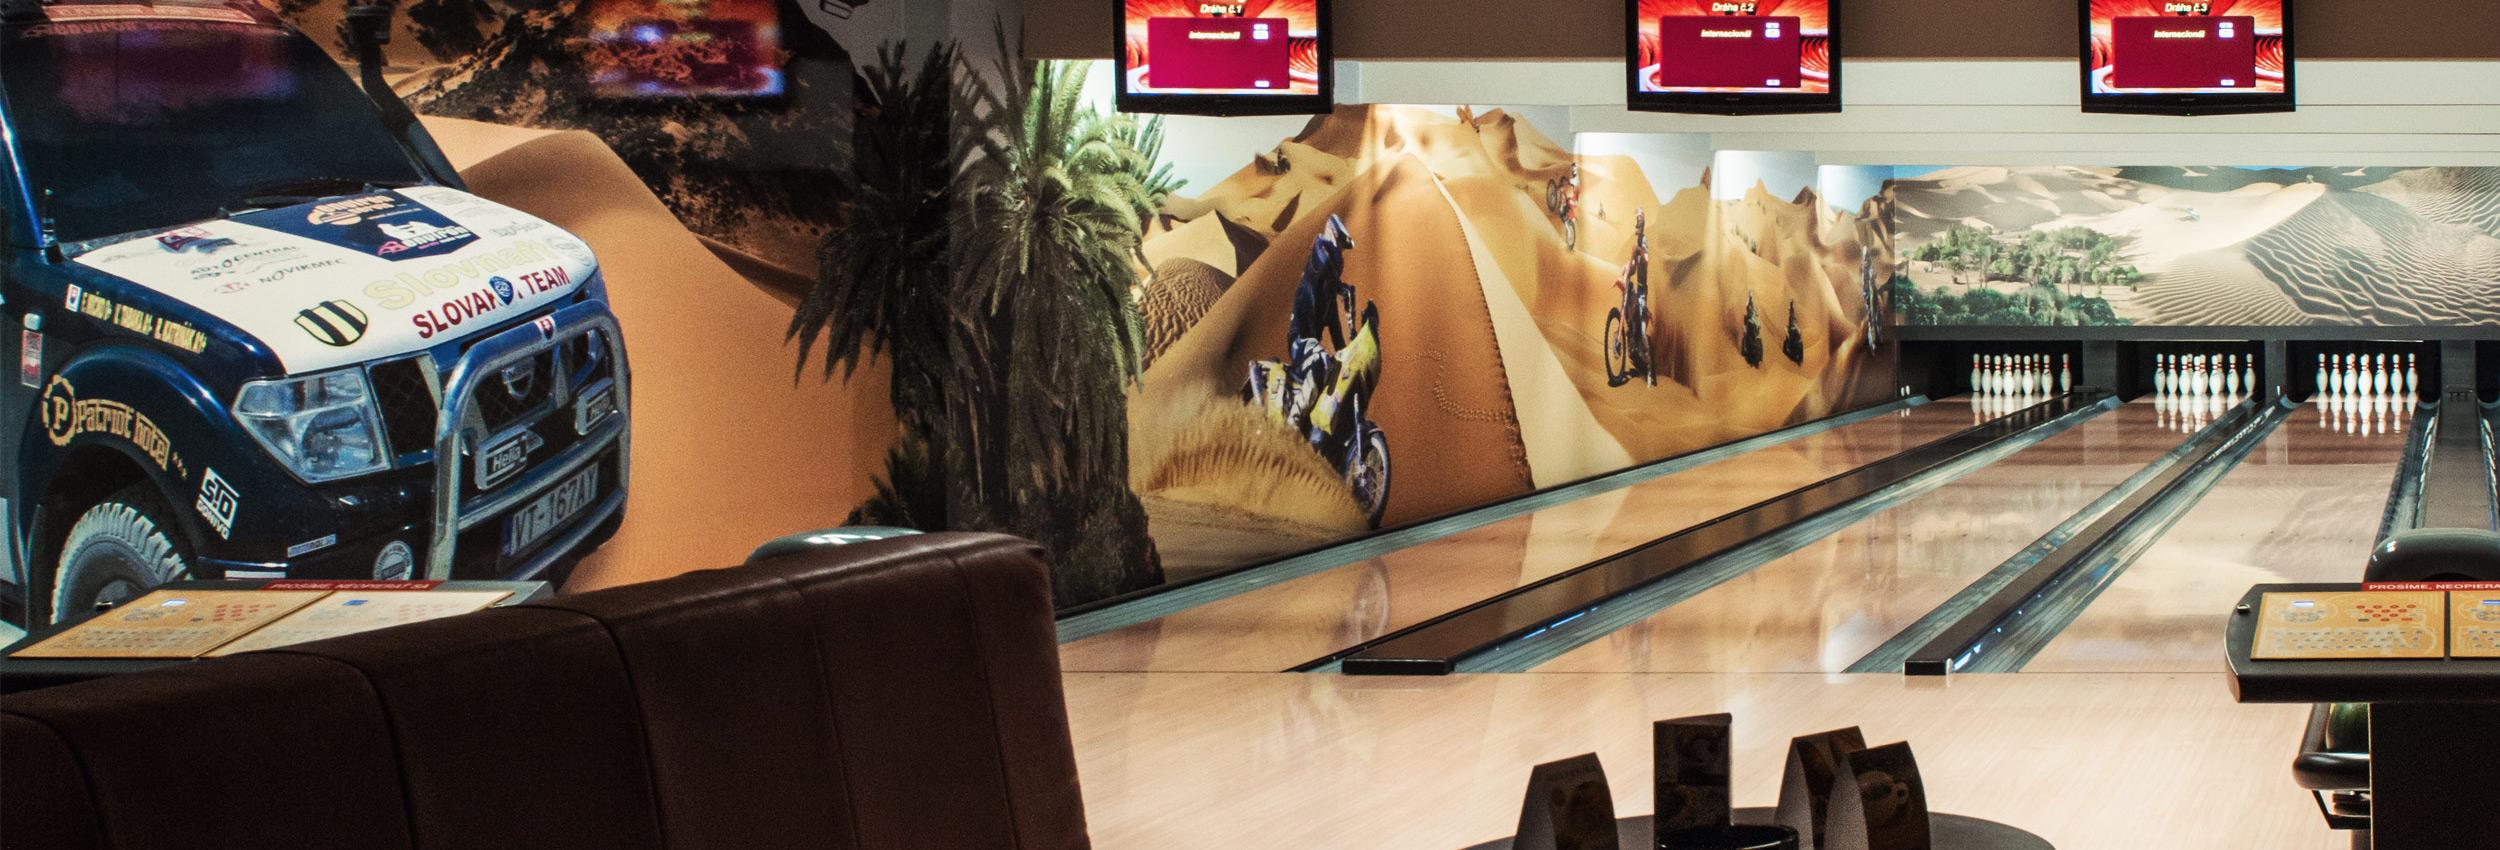 Bowling Vranov nad Topľou, Štvordráhový bowling, Bowling bar Vranov, Hotel Patriot*** Vranov